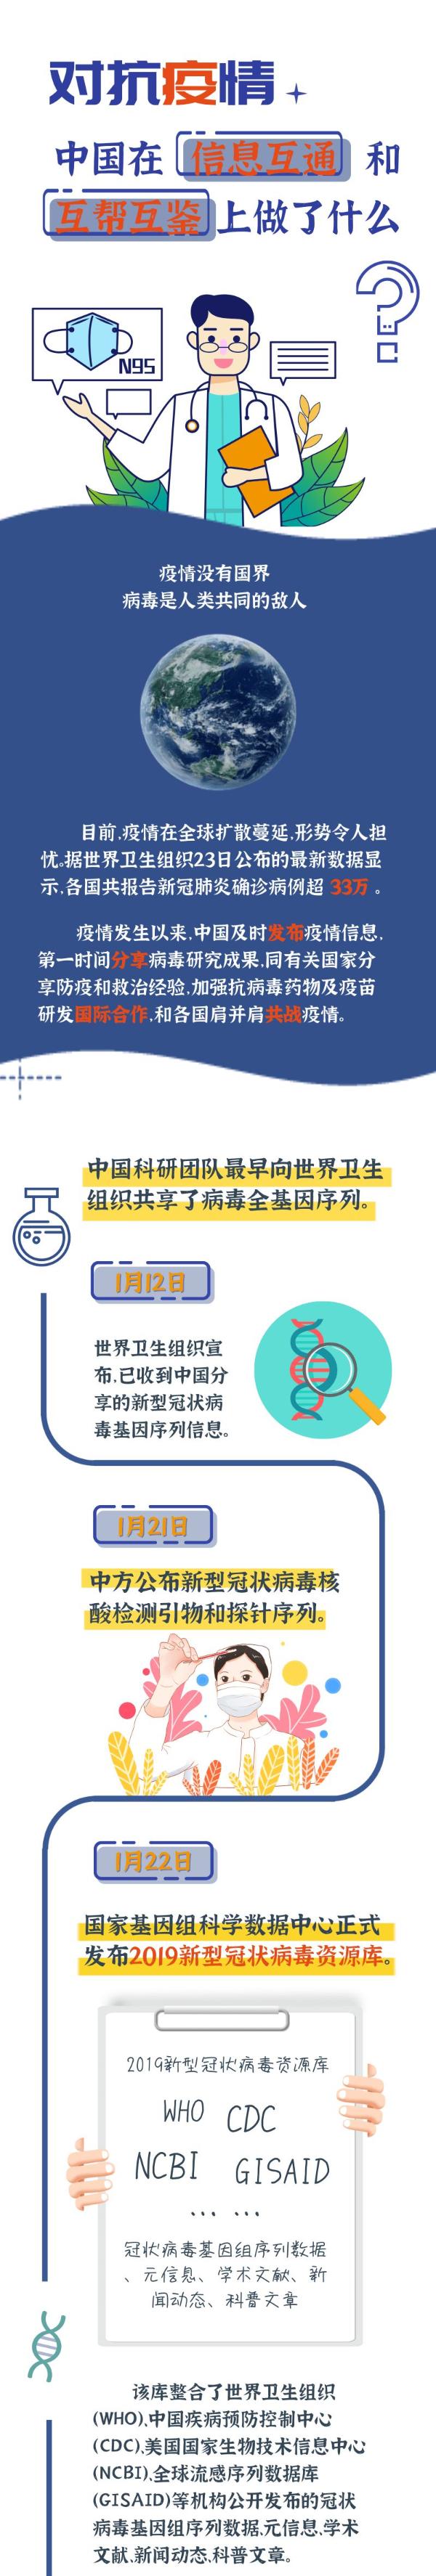 对抗疫情,中国在信息互通和互帮互鉴上做了什么